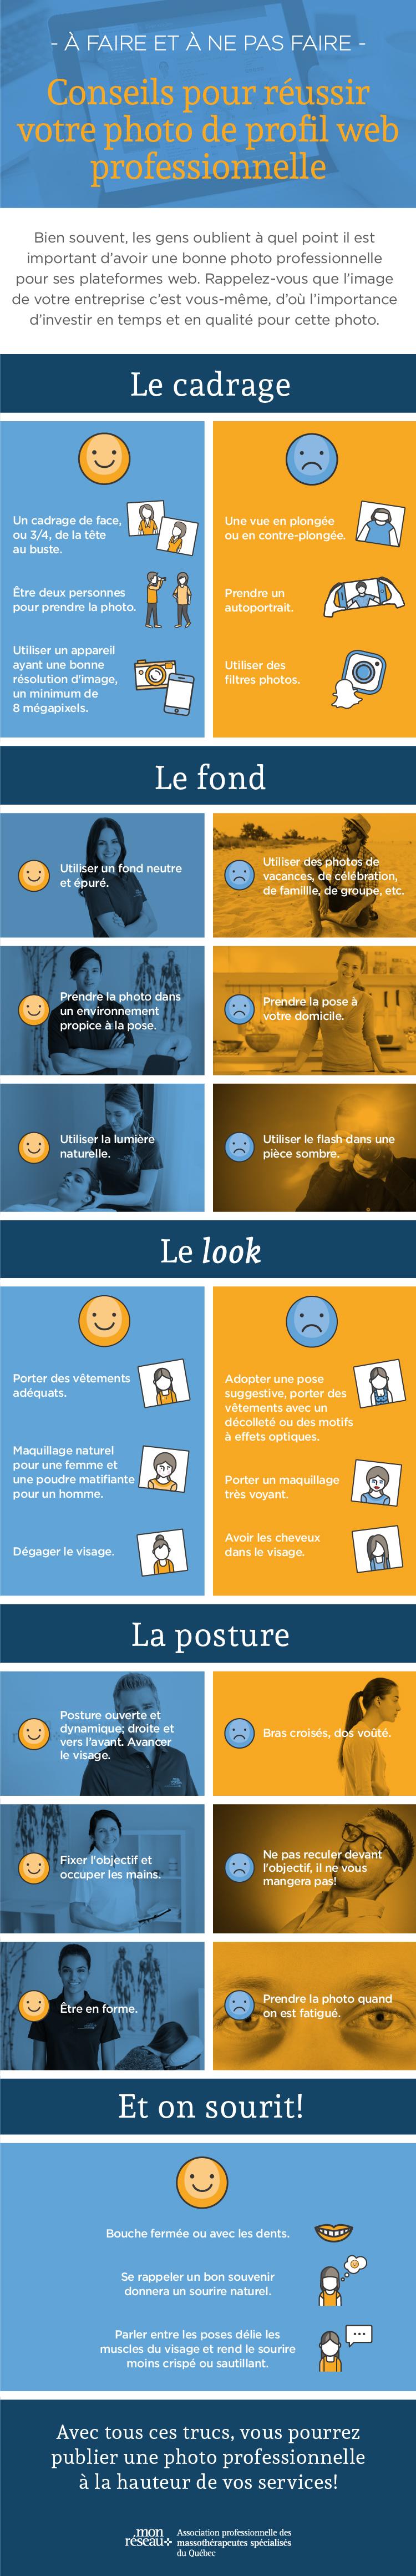 Infographie expliquant les bonnes pratiques et les faux pas d'une photo de profil professionnelle pour le web